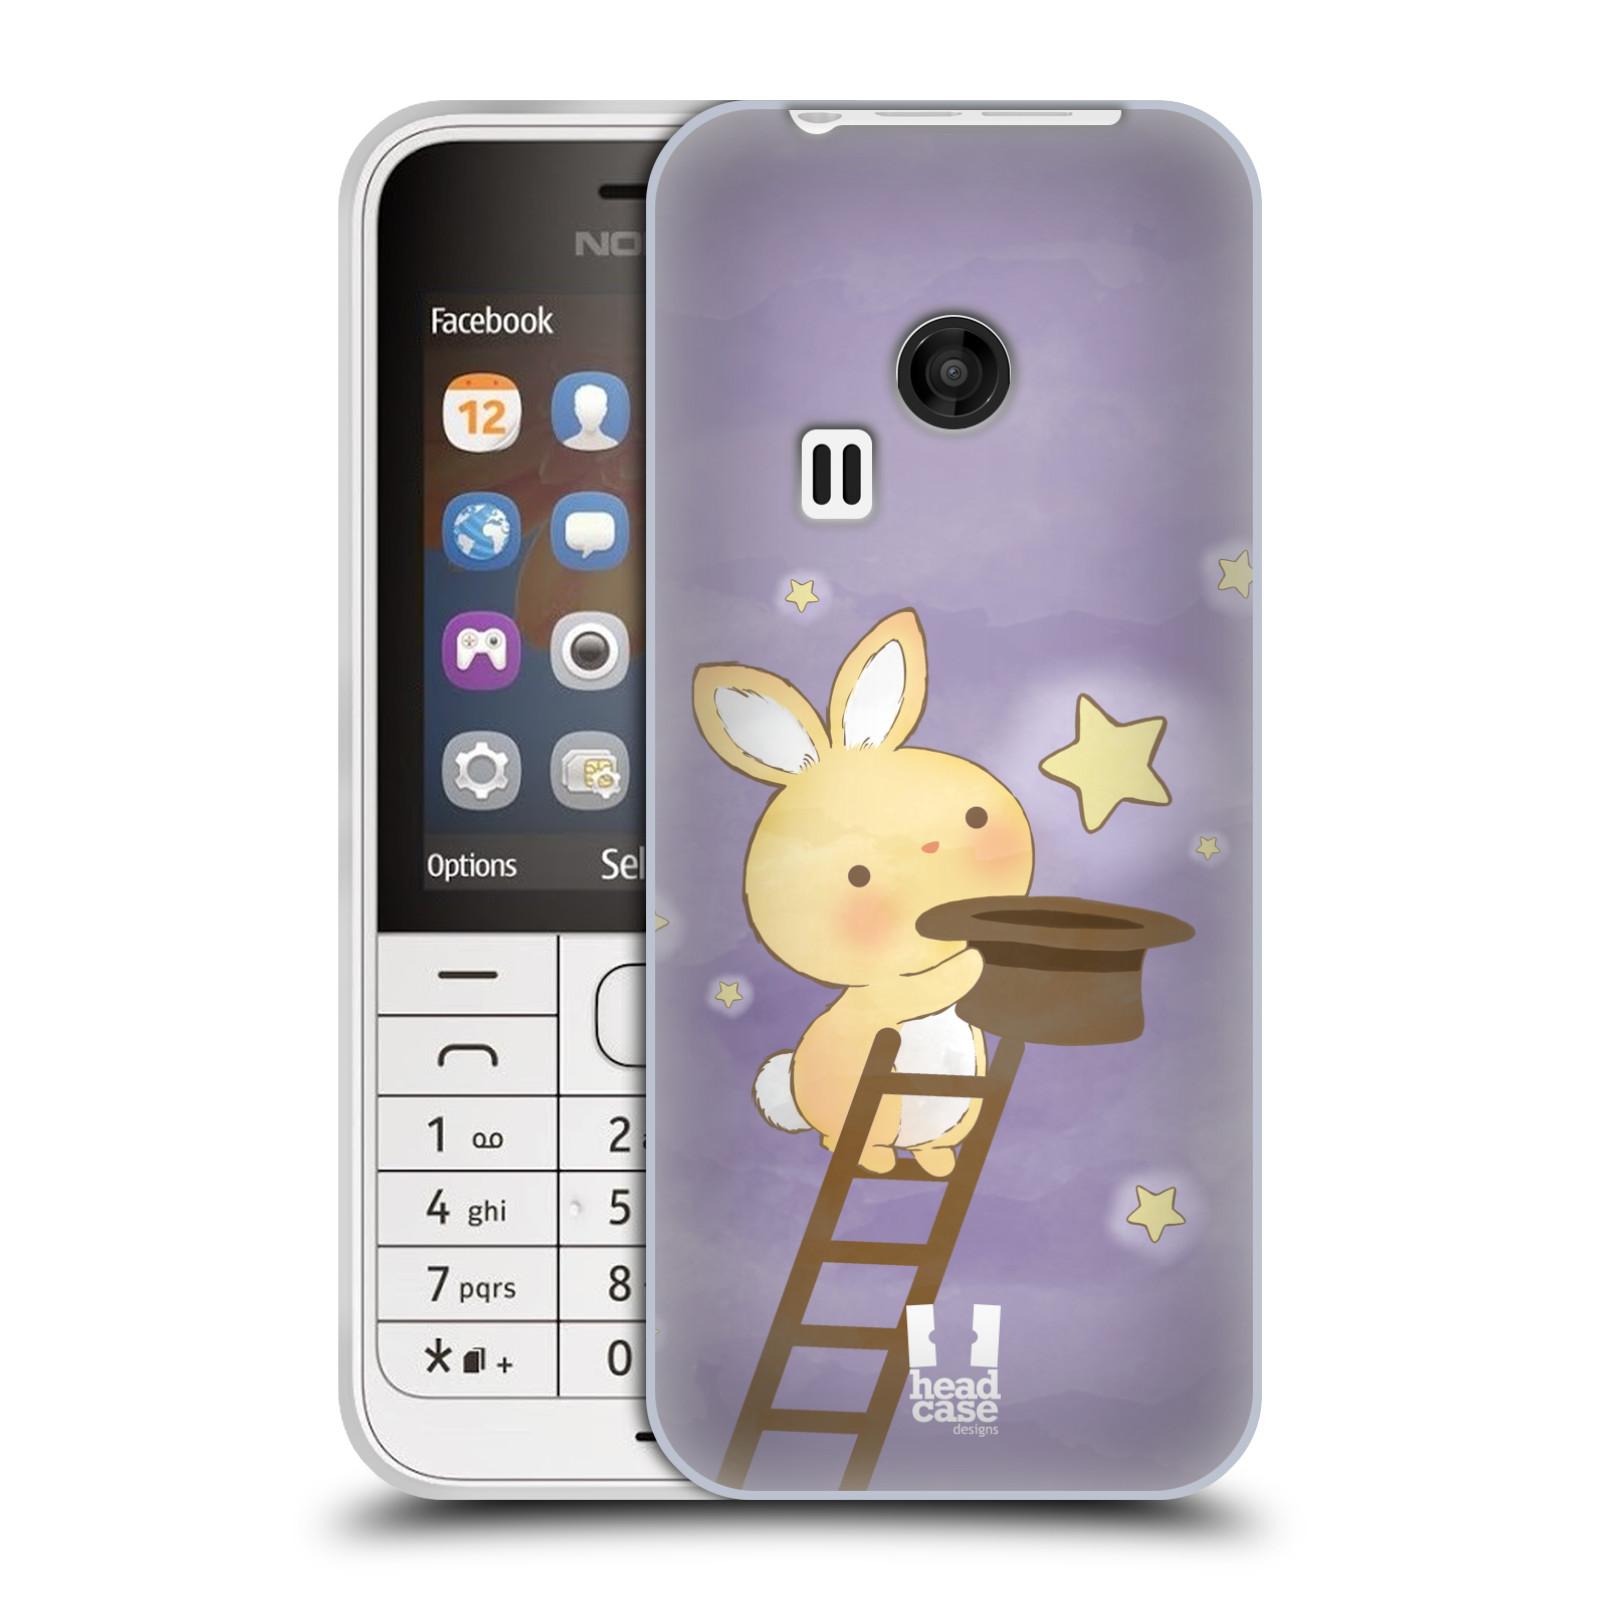 HEAD CASE silikonový obal na mobil NOKIA 220 / NOKIA 220 DUAL SIM vzor králíček a hvězdy fialová